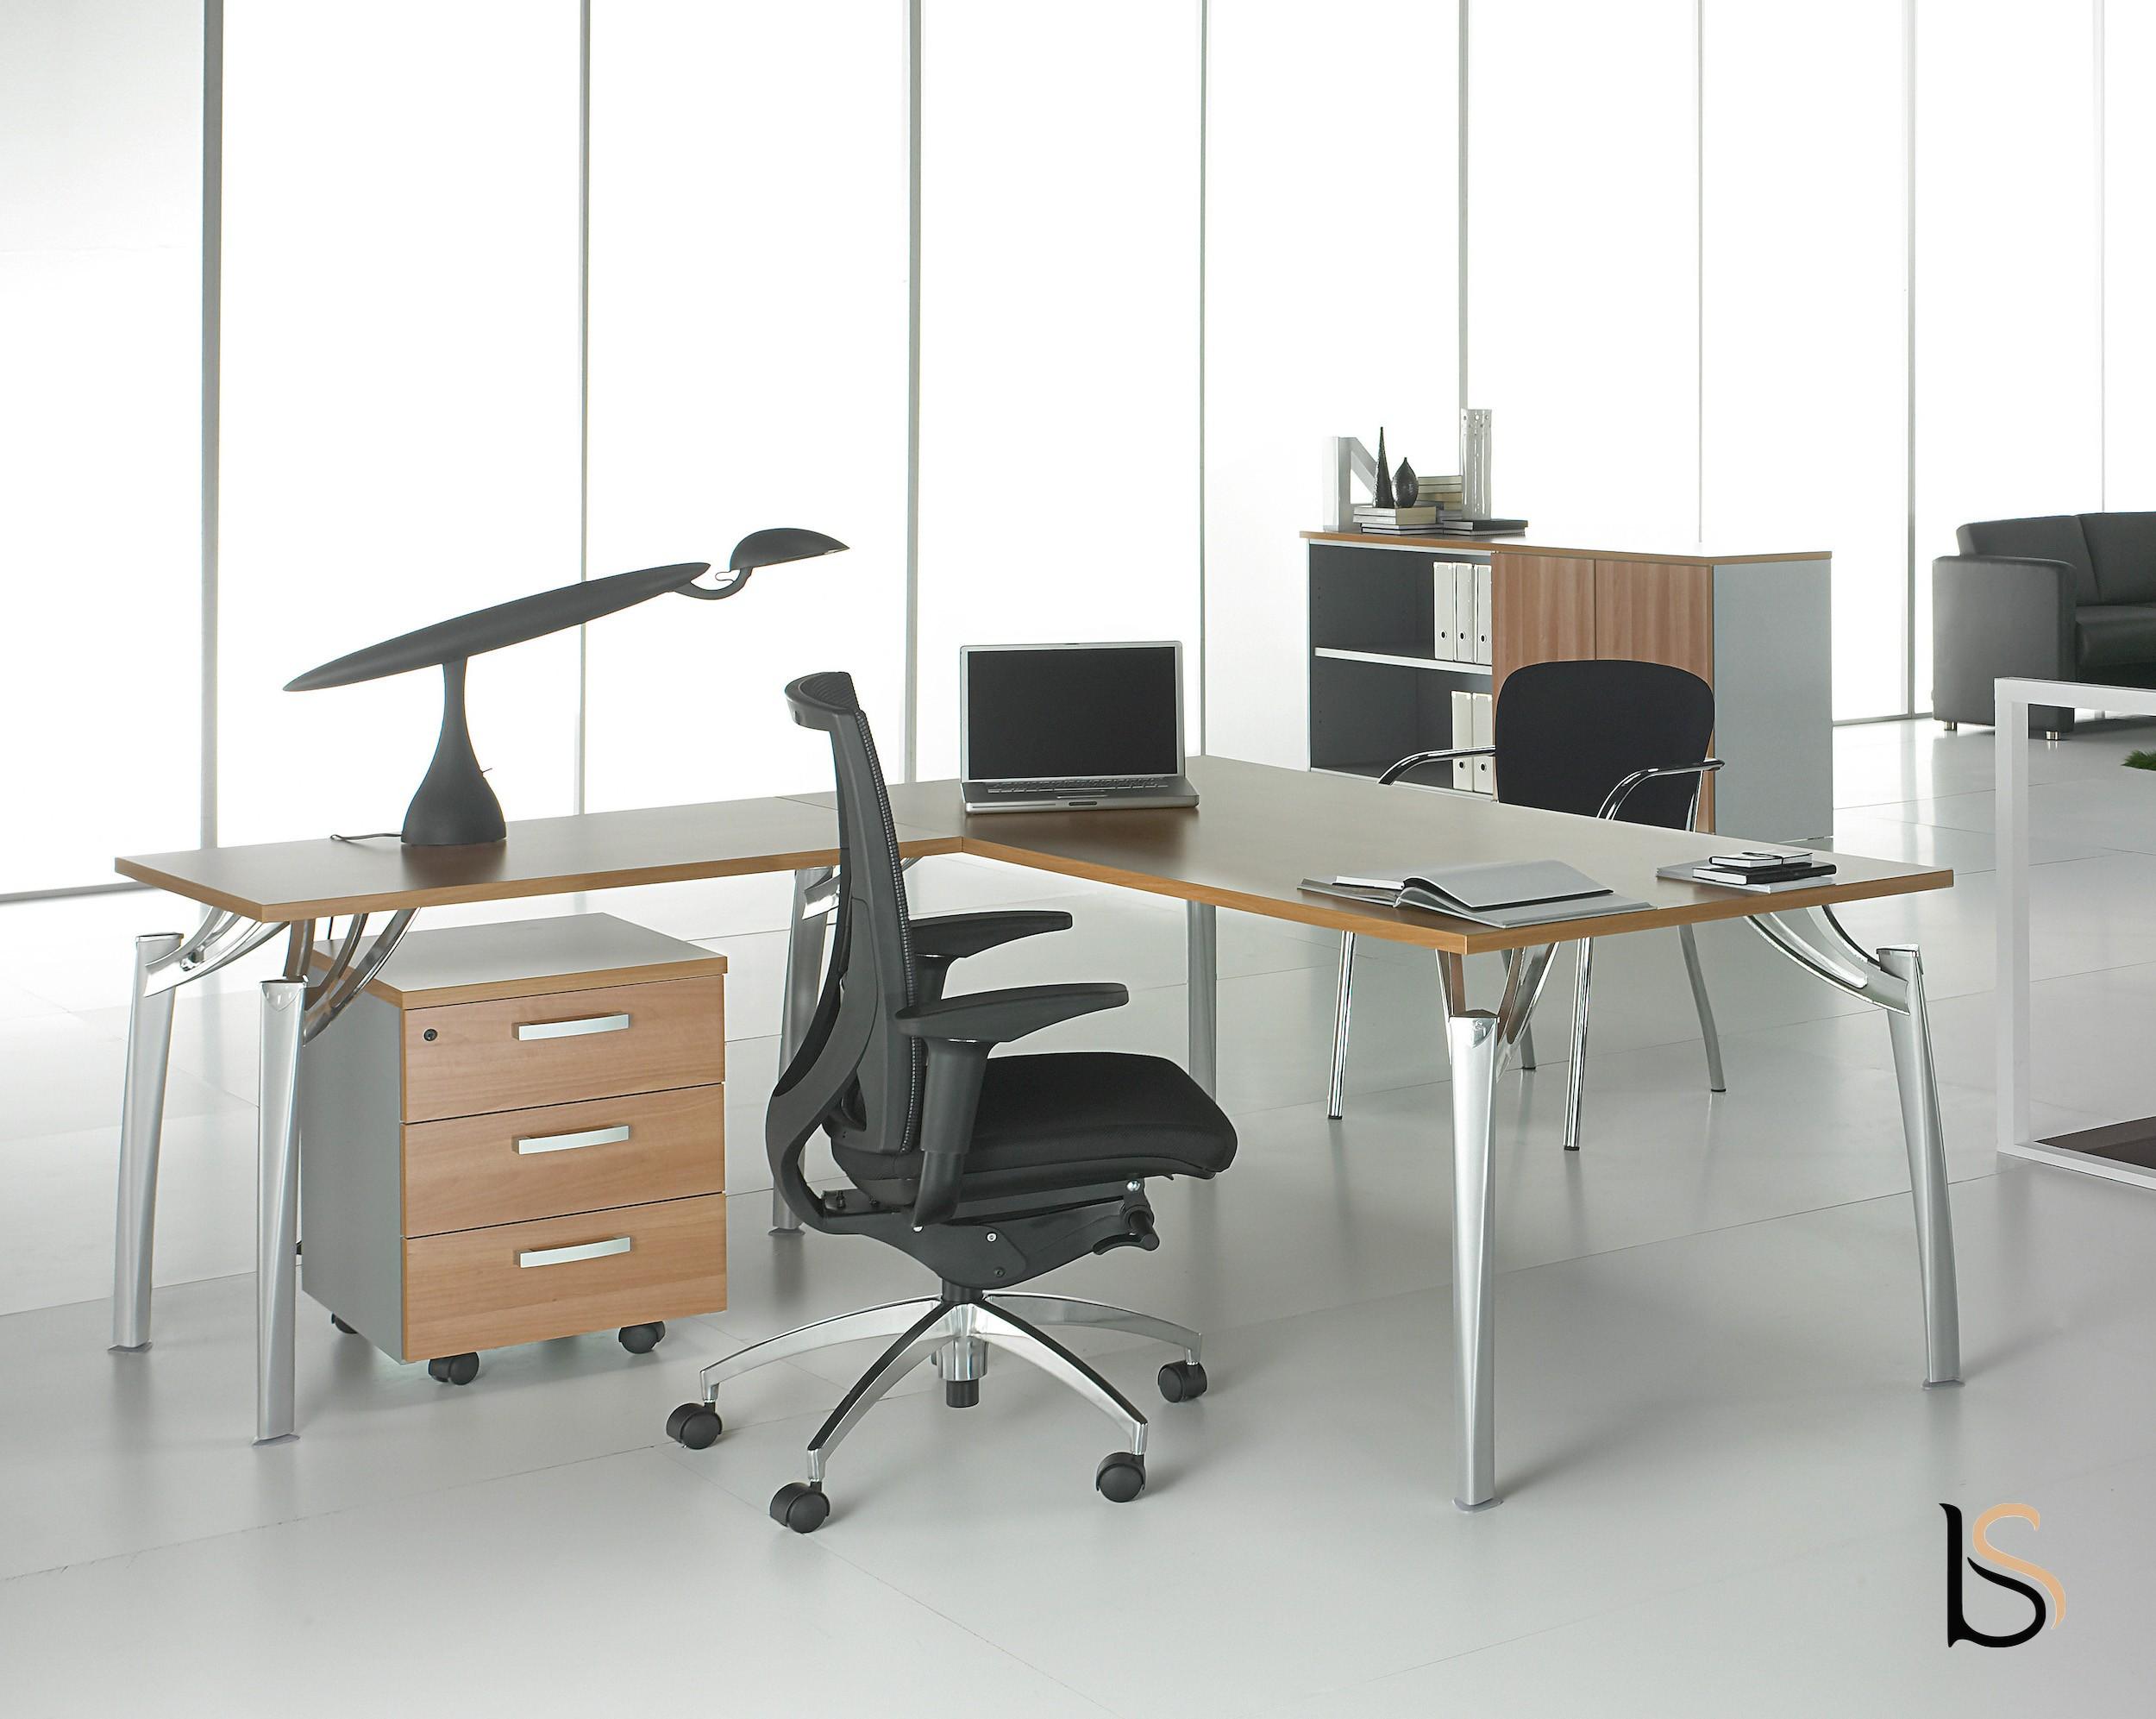 bureau sur mesure en ligne mobilier avec bureaux pour open space pour personnes nomms m with. Black Bedroom Furniture Sets. Home Design Ideas